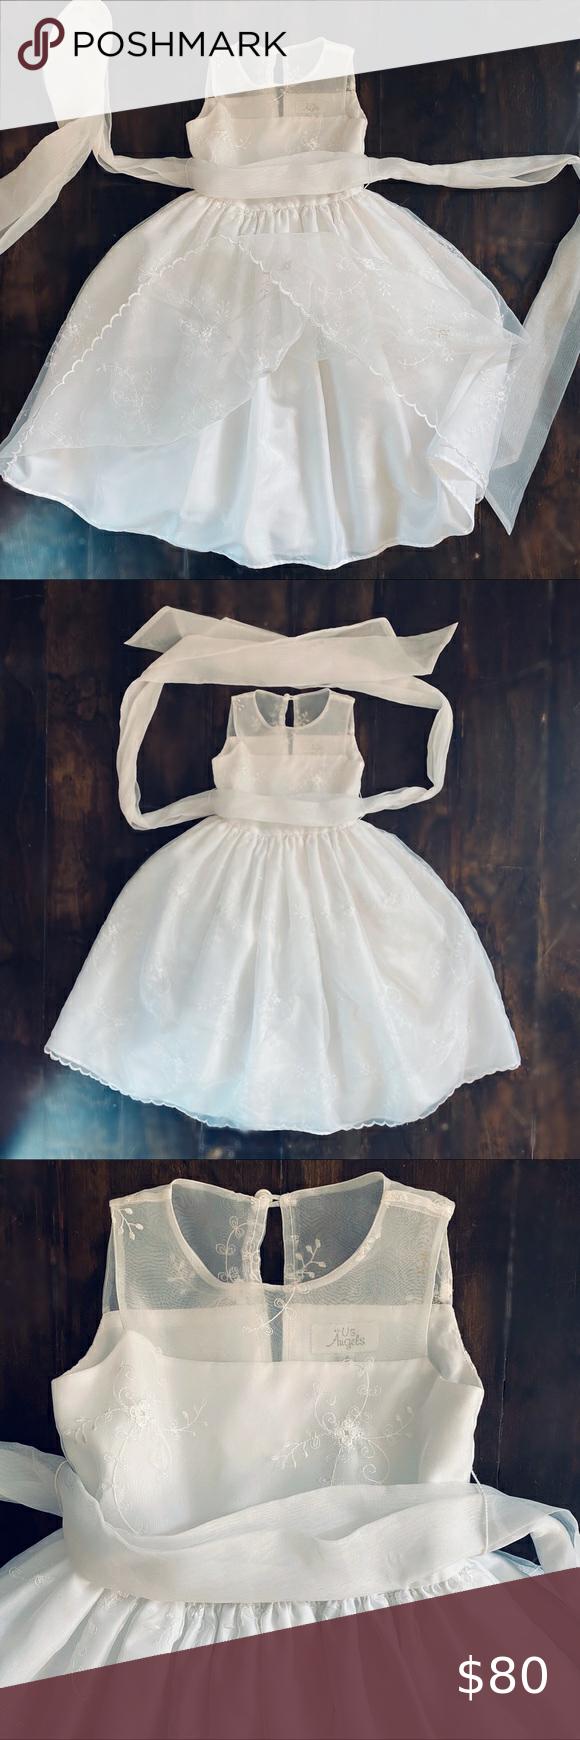 Us Angels White Dress Nwot Sleeveless Size 4t White Occasion Dresses Dresses Kids Dresses [ 1740 x 580 Pixel ]